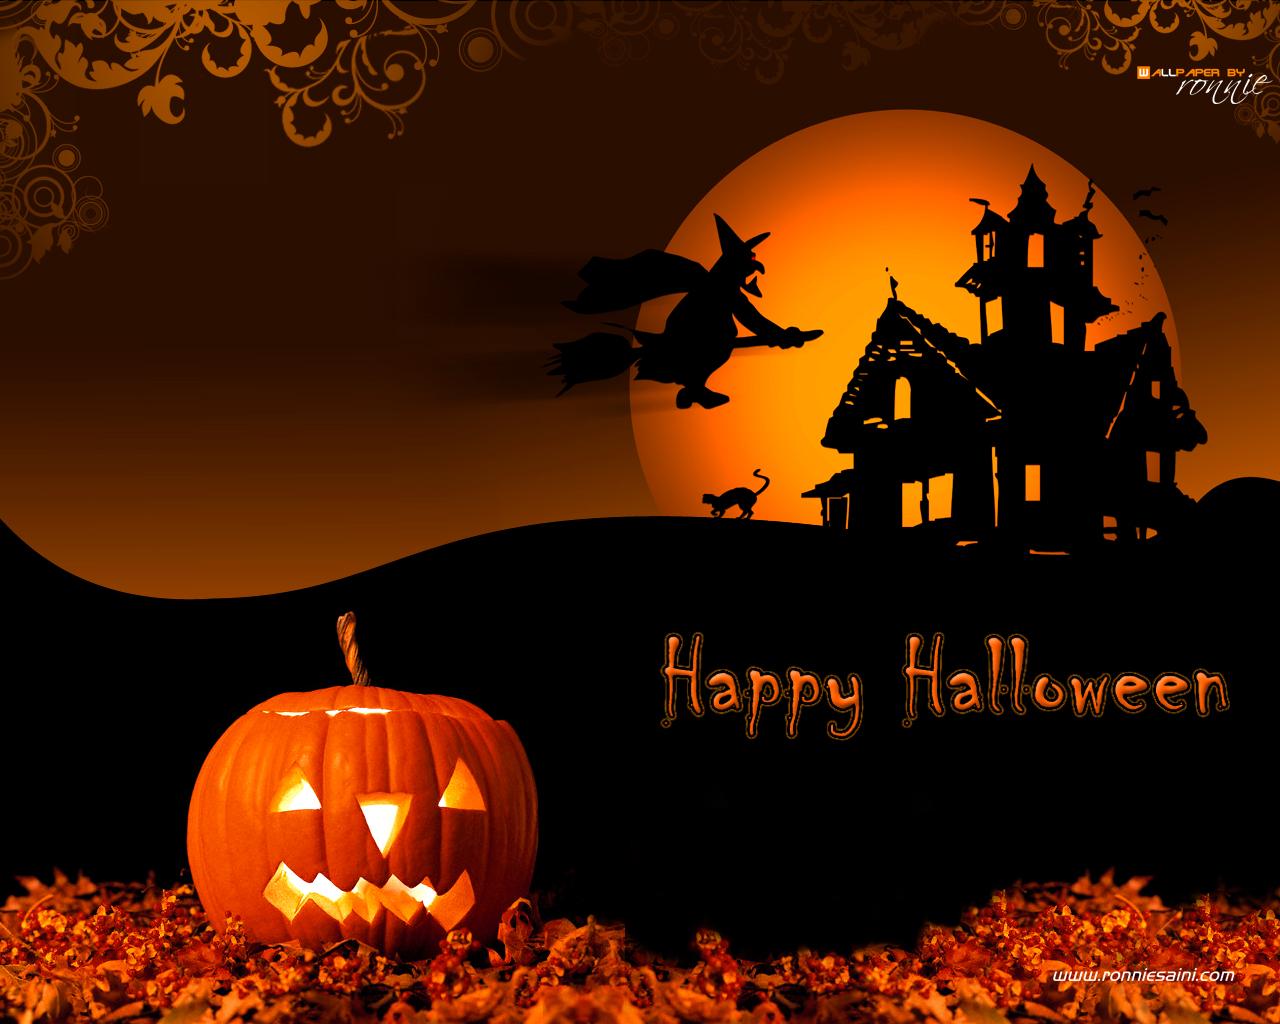 happy halloween background - photo #7